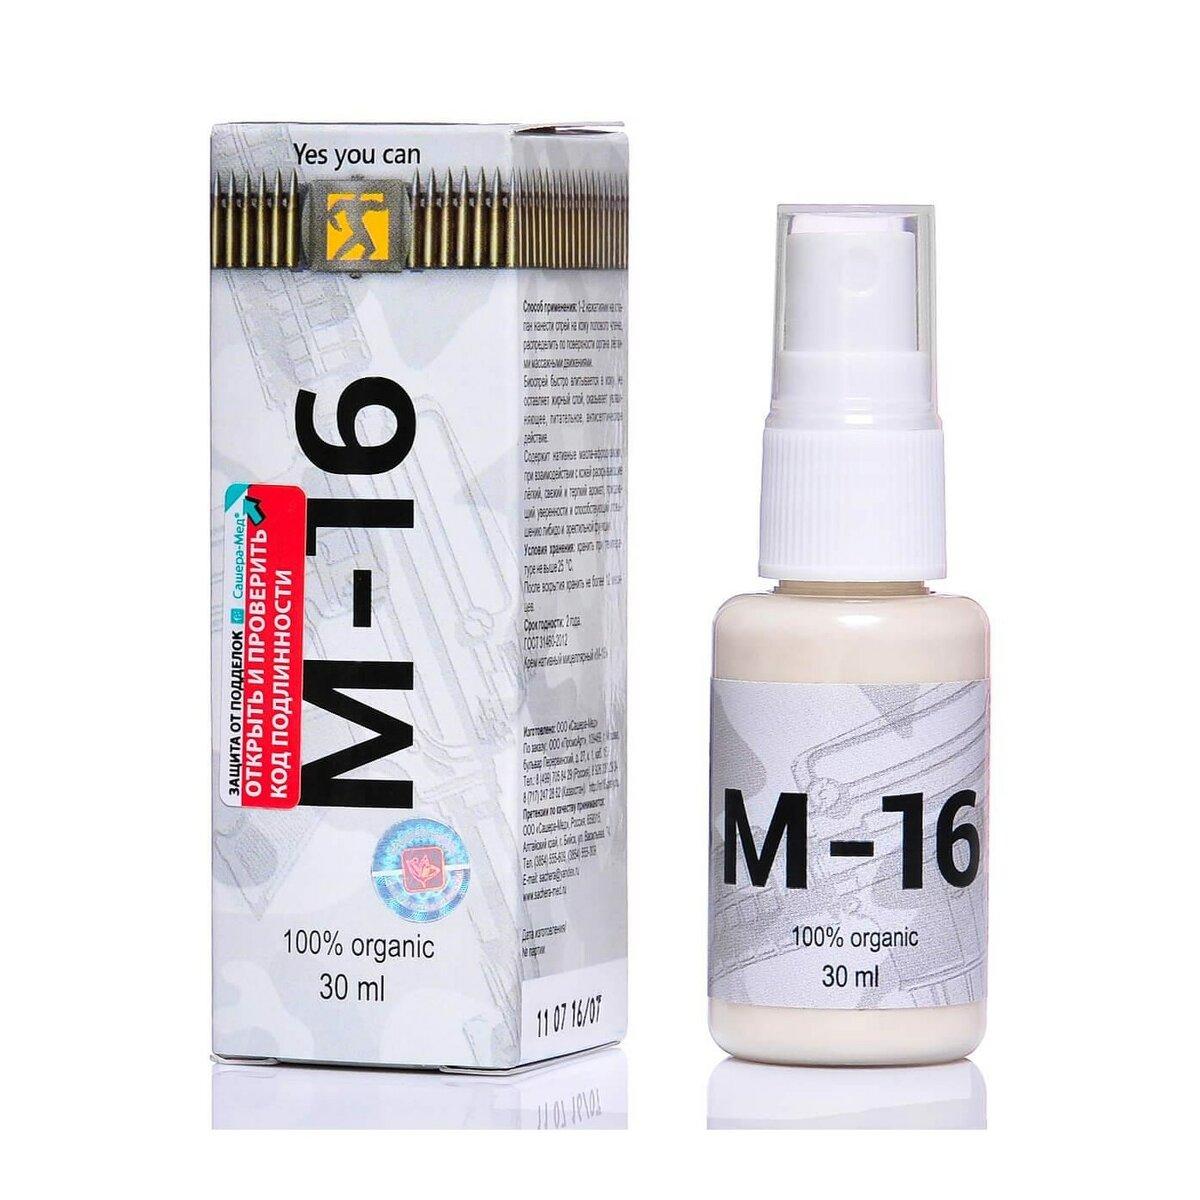 Средство для потенции M16 в Октябрьске